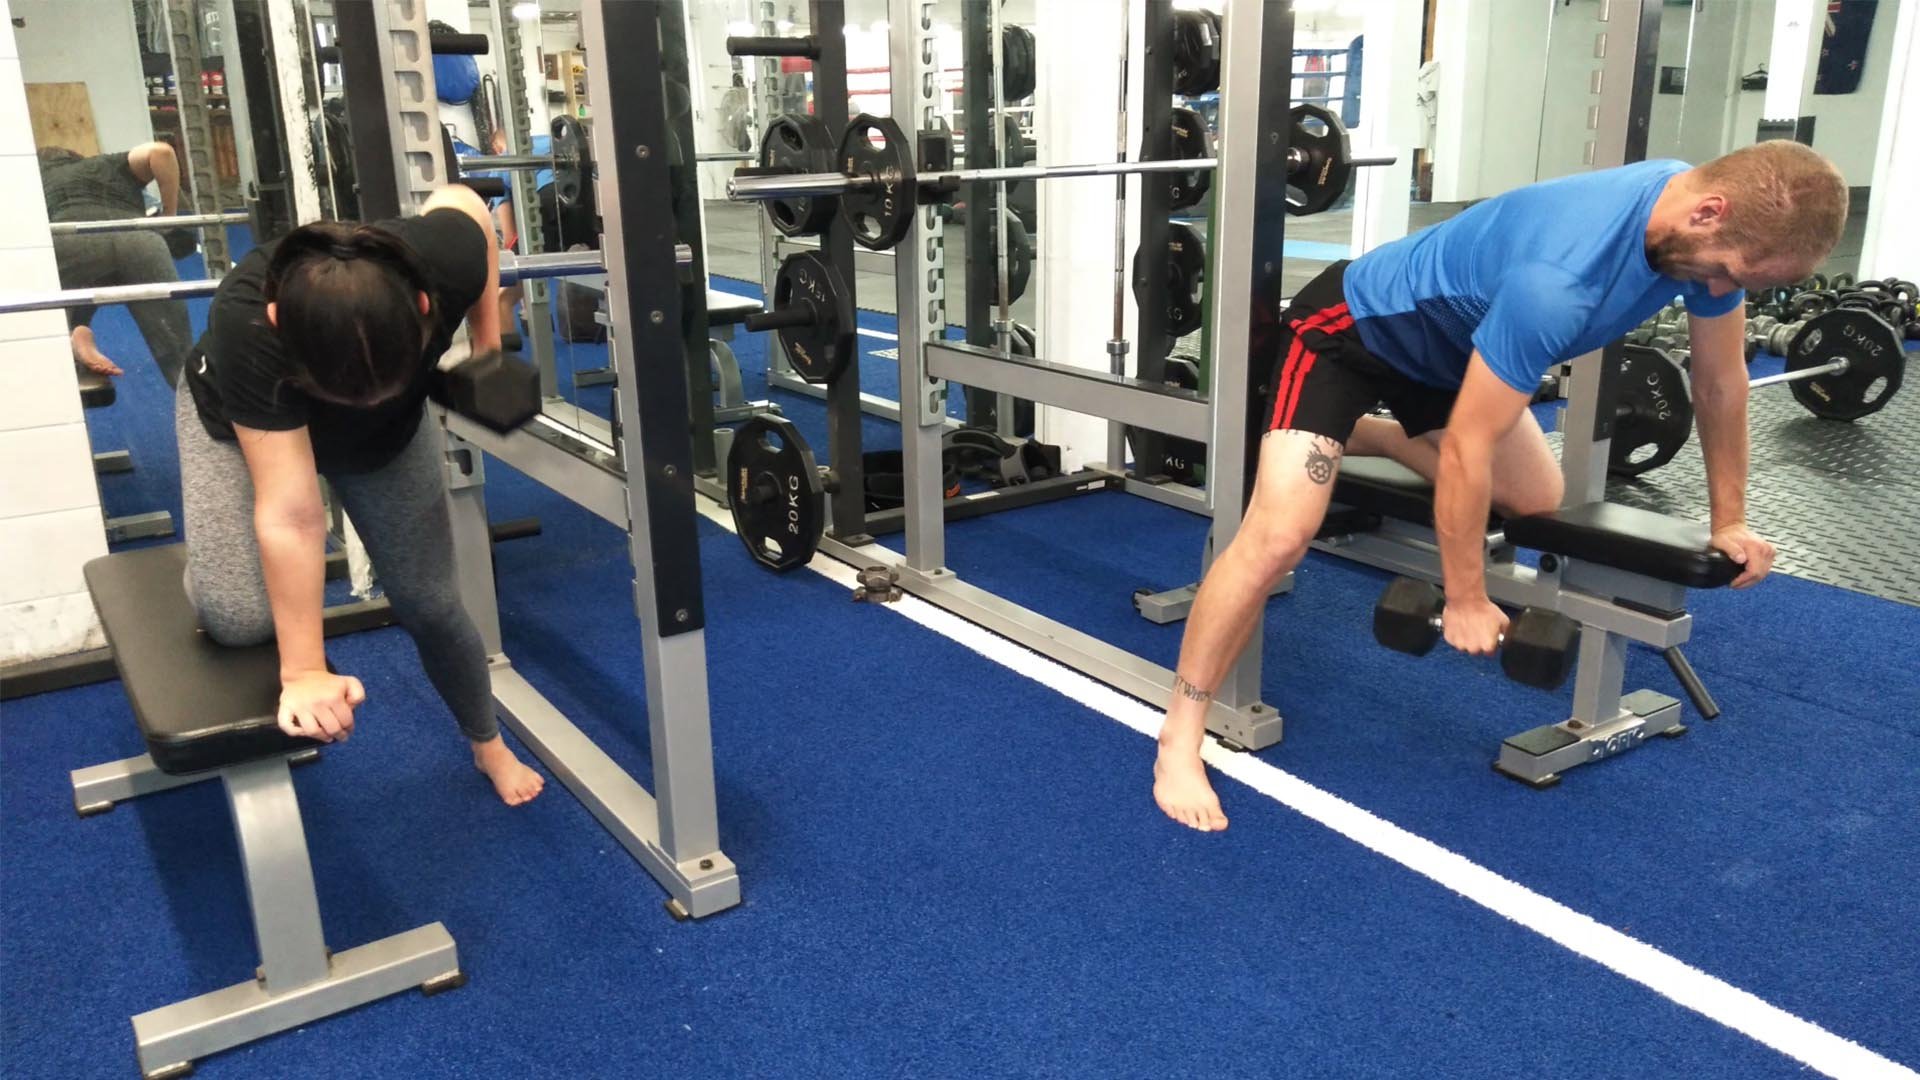 gym exercise training program